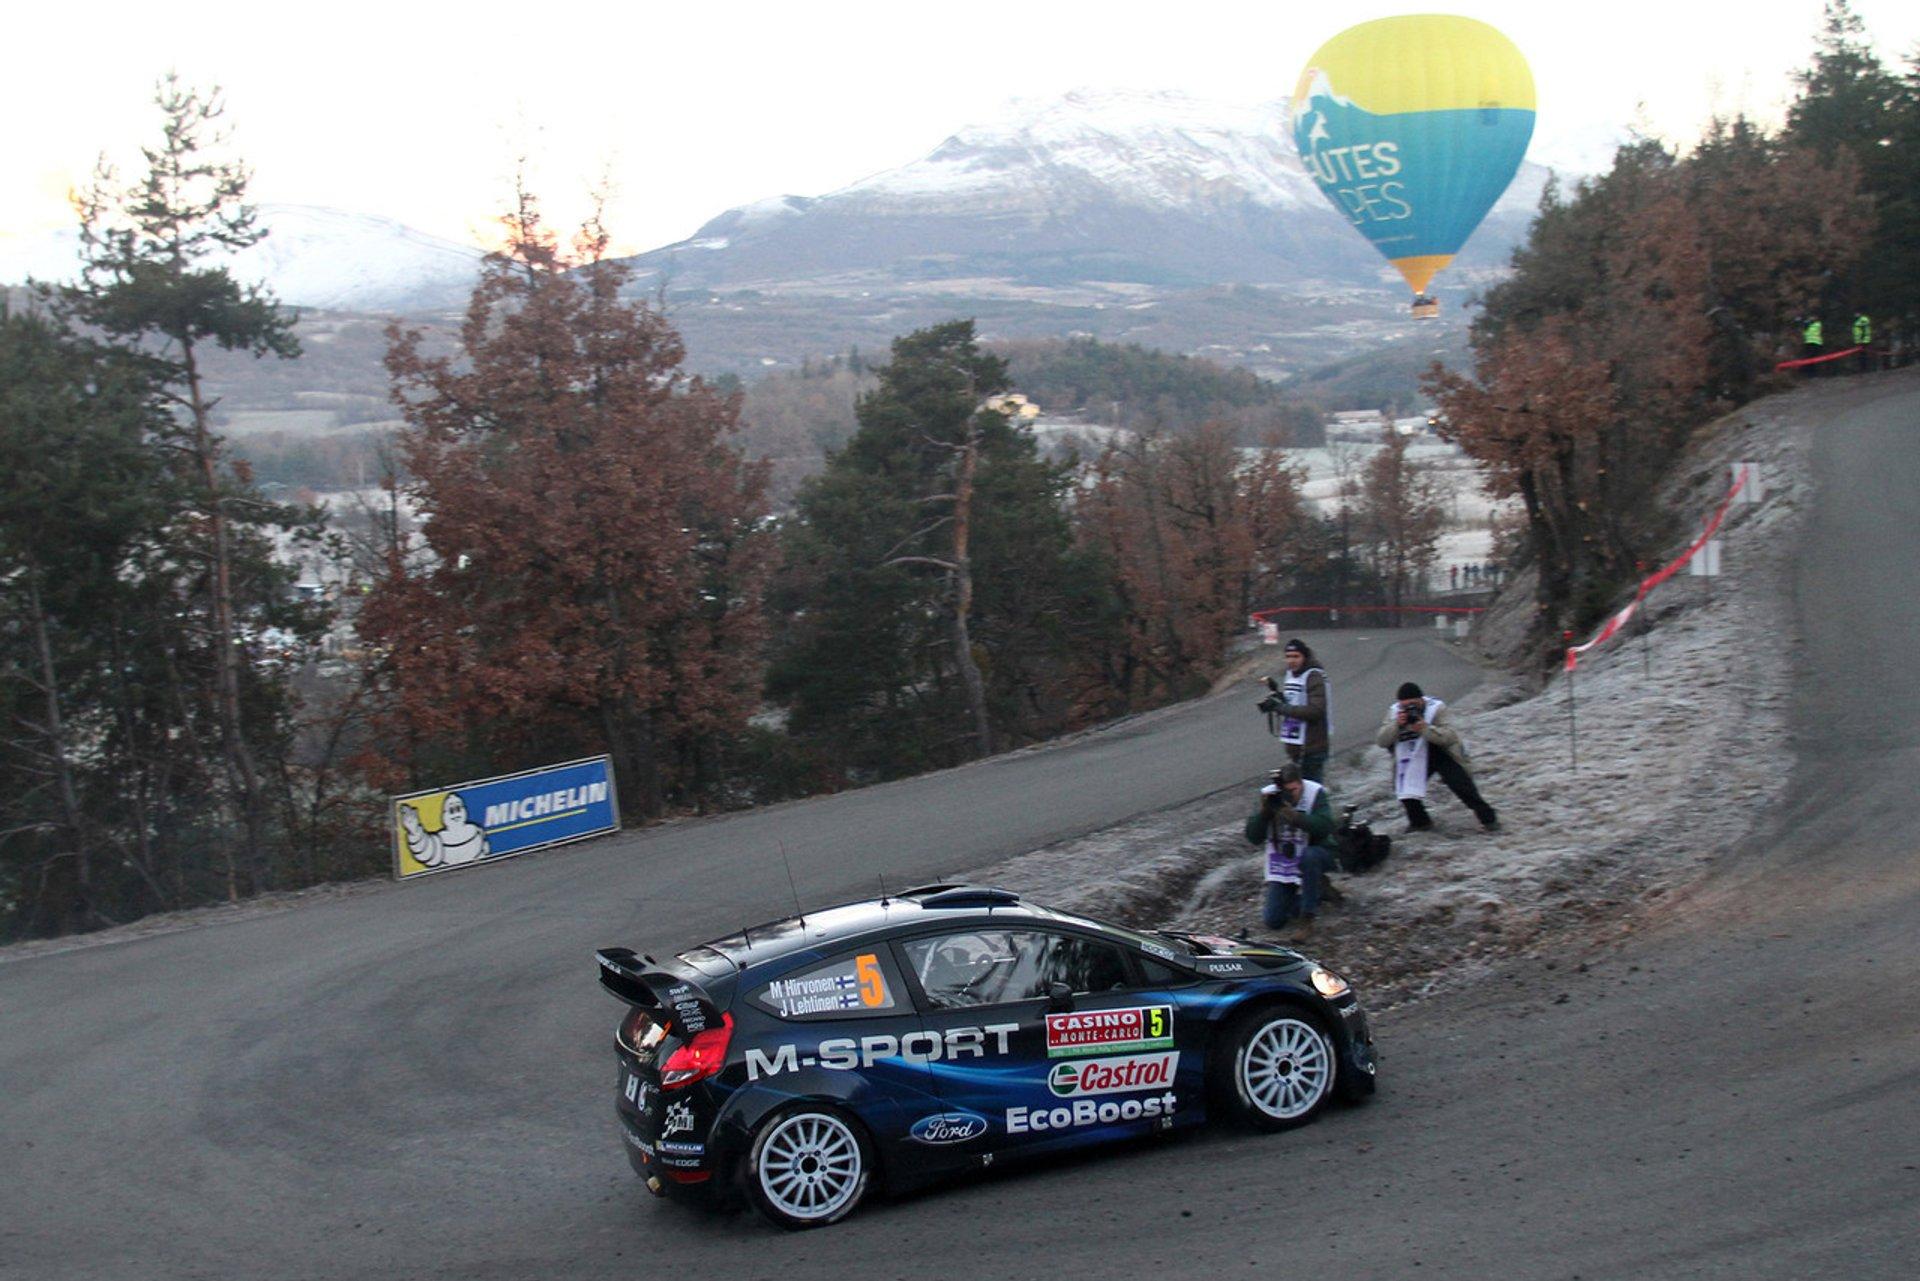 Monte-Carlo Rally in Monaco - Best Season 2019